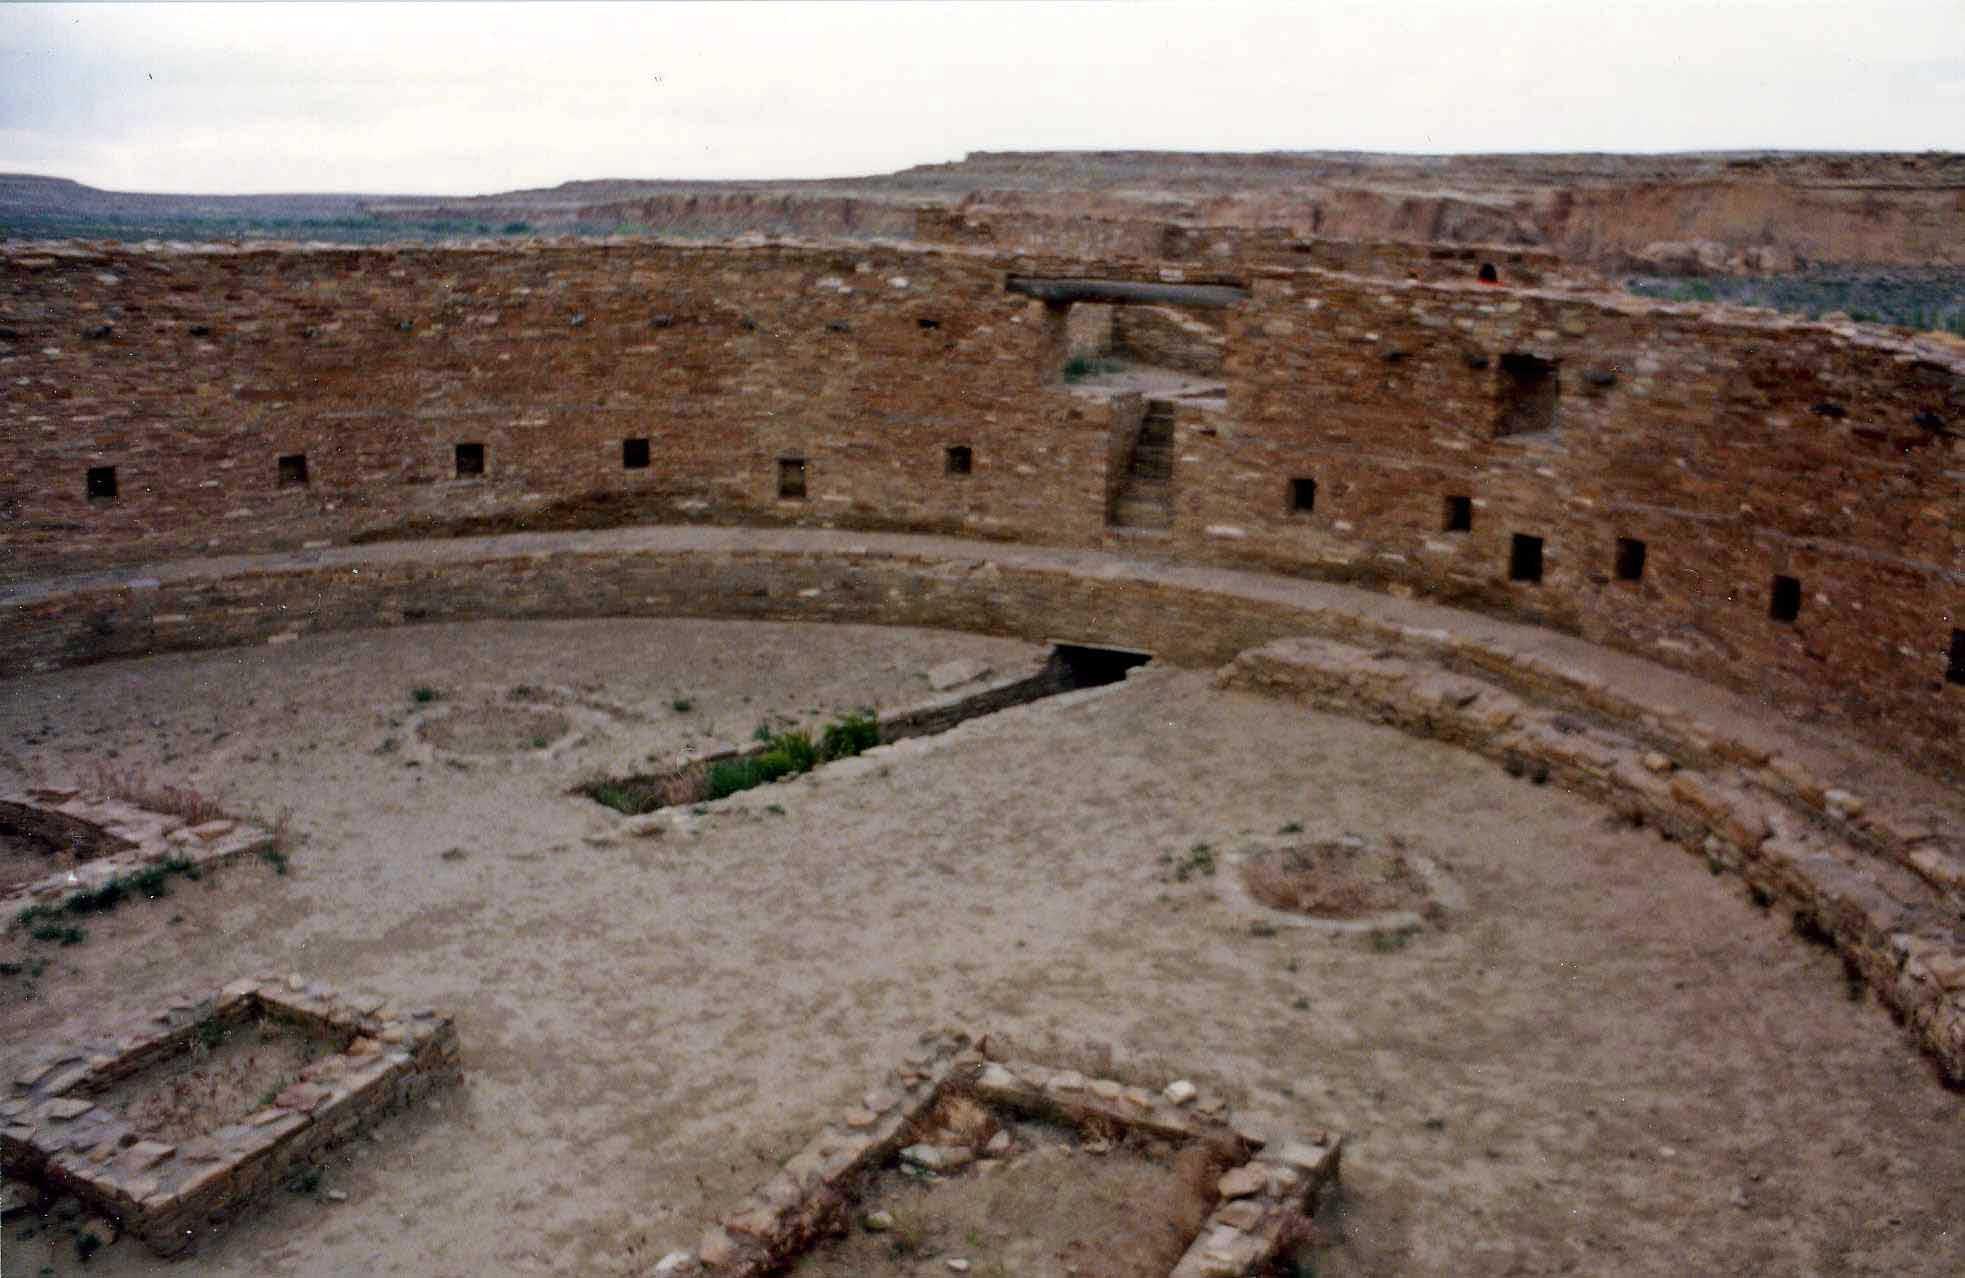 Ruins of a great kiva at Chaco Canyon.